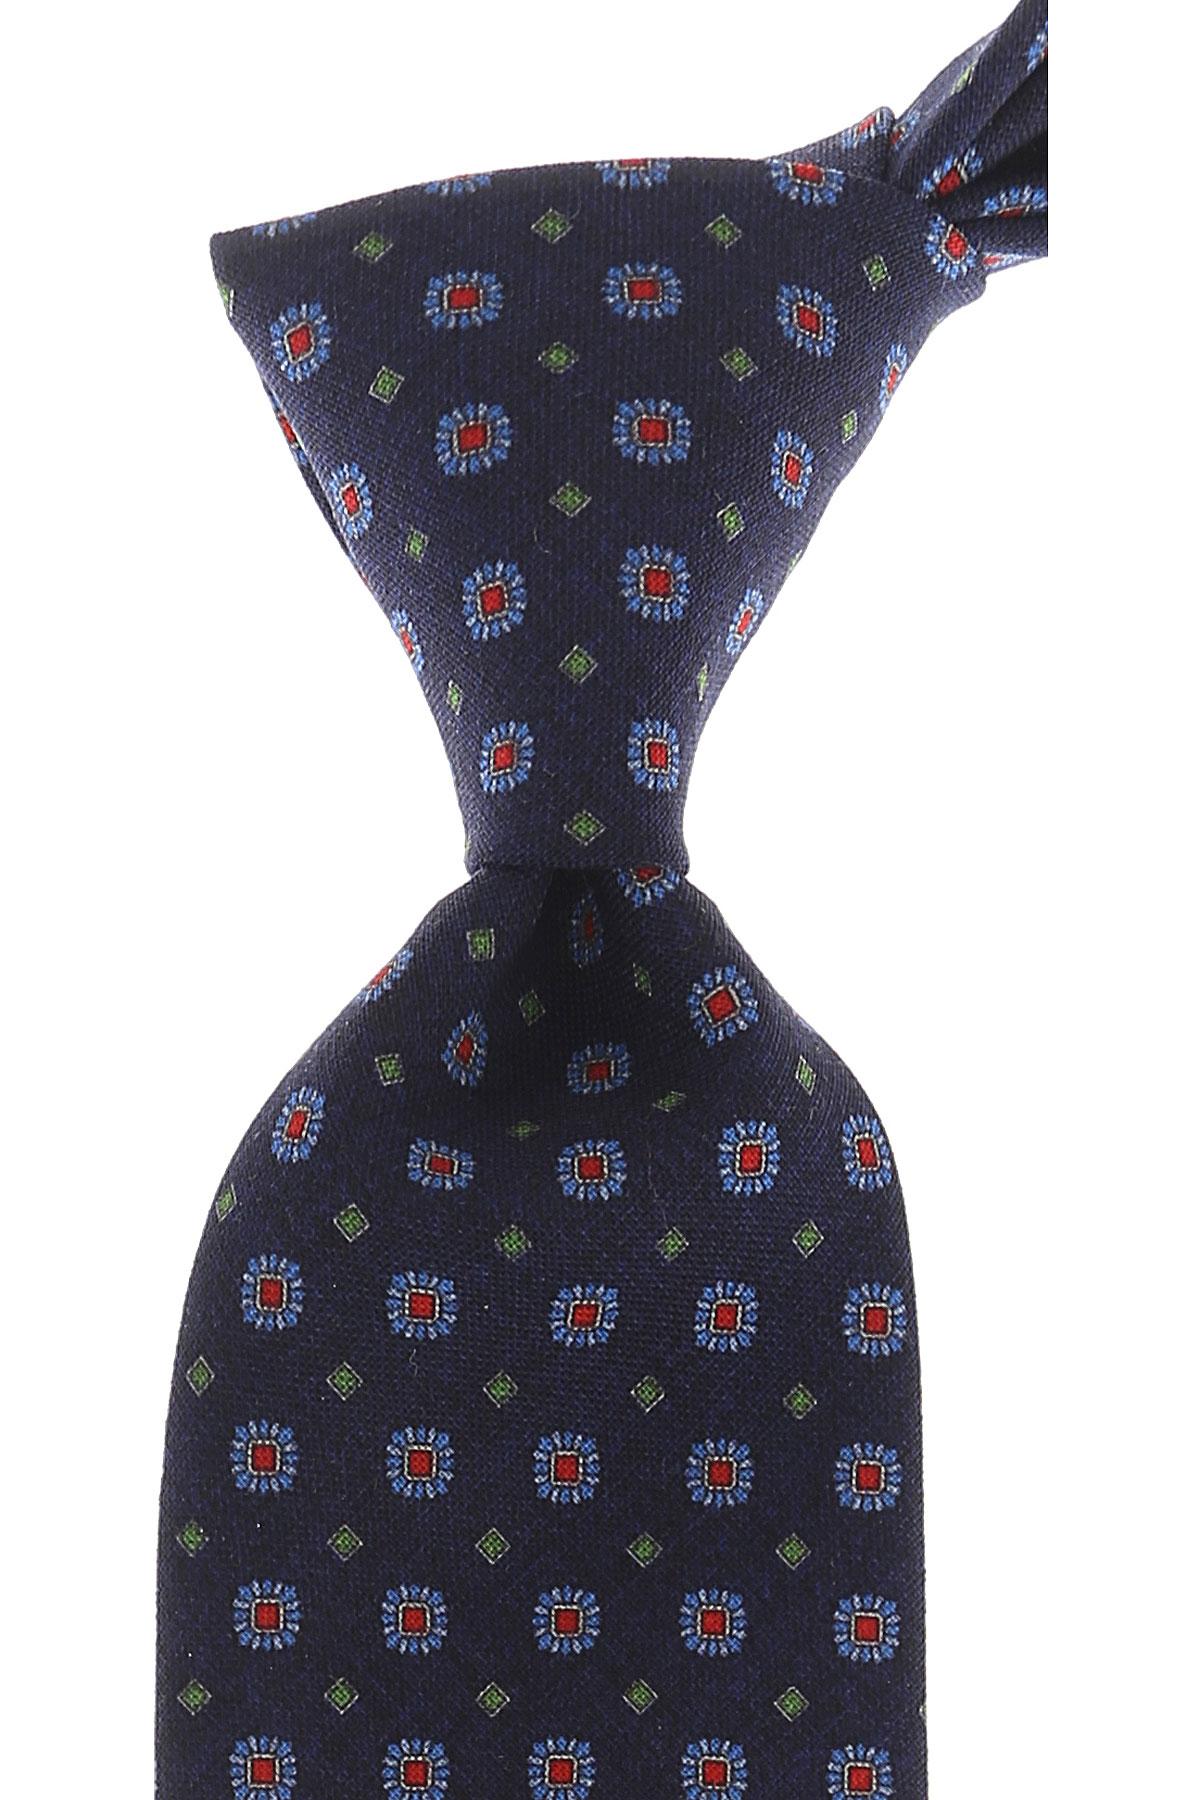 Church's Cravates Pas cher en Soldes, Bleu marine, Laine vierge, 2017